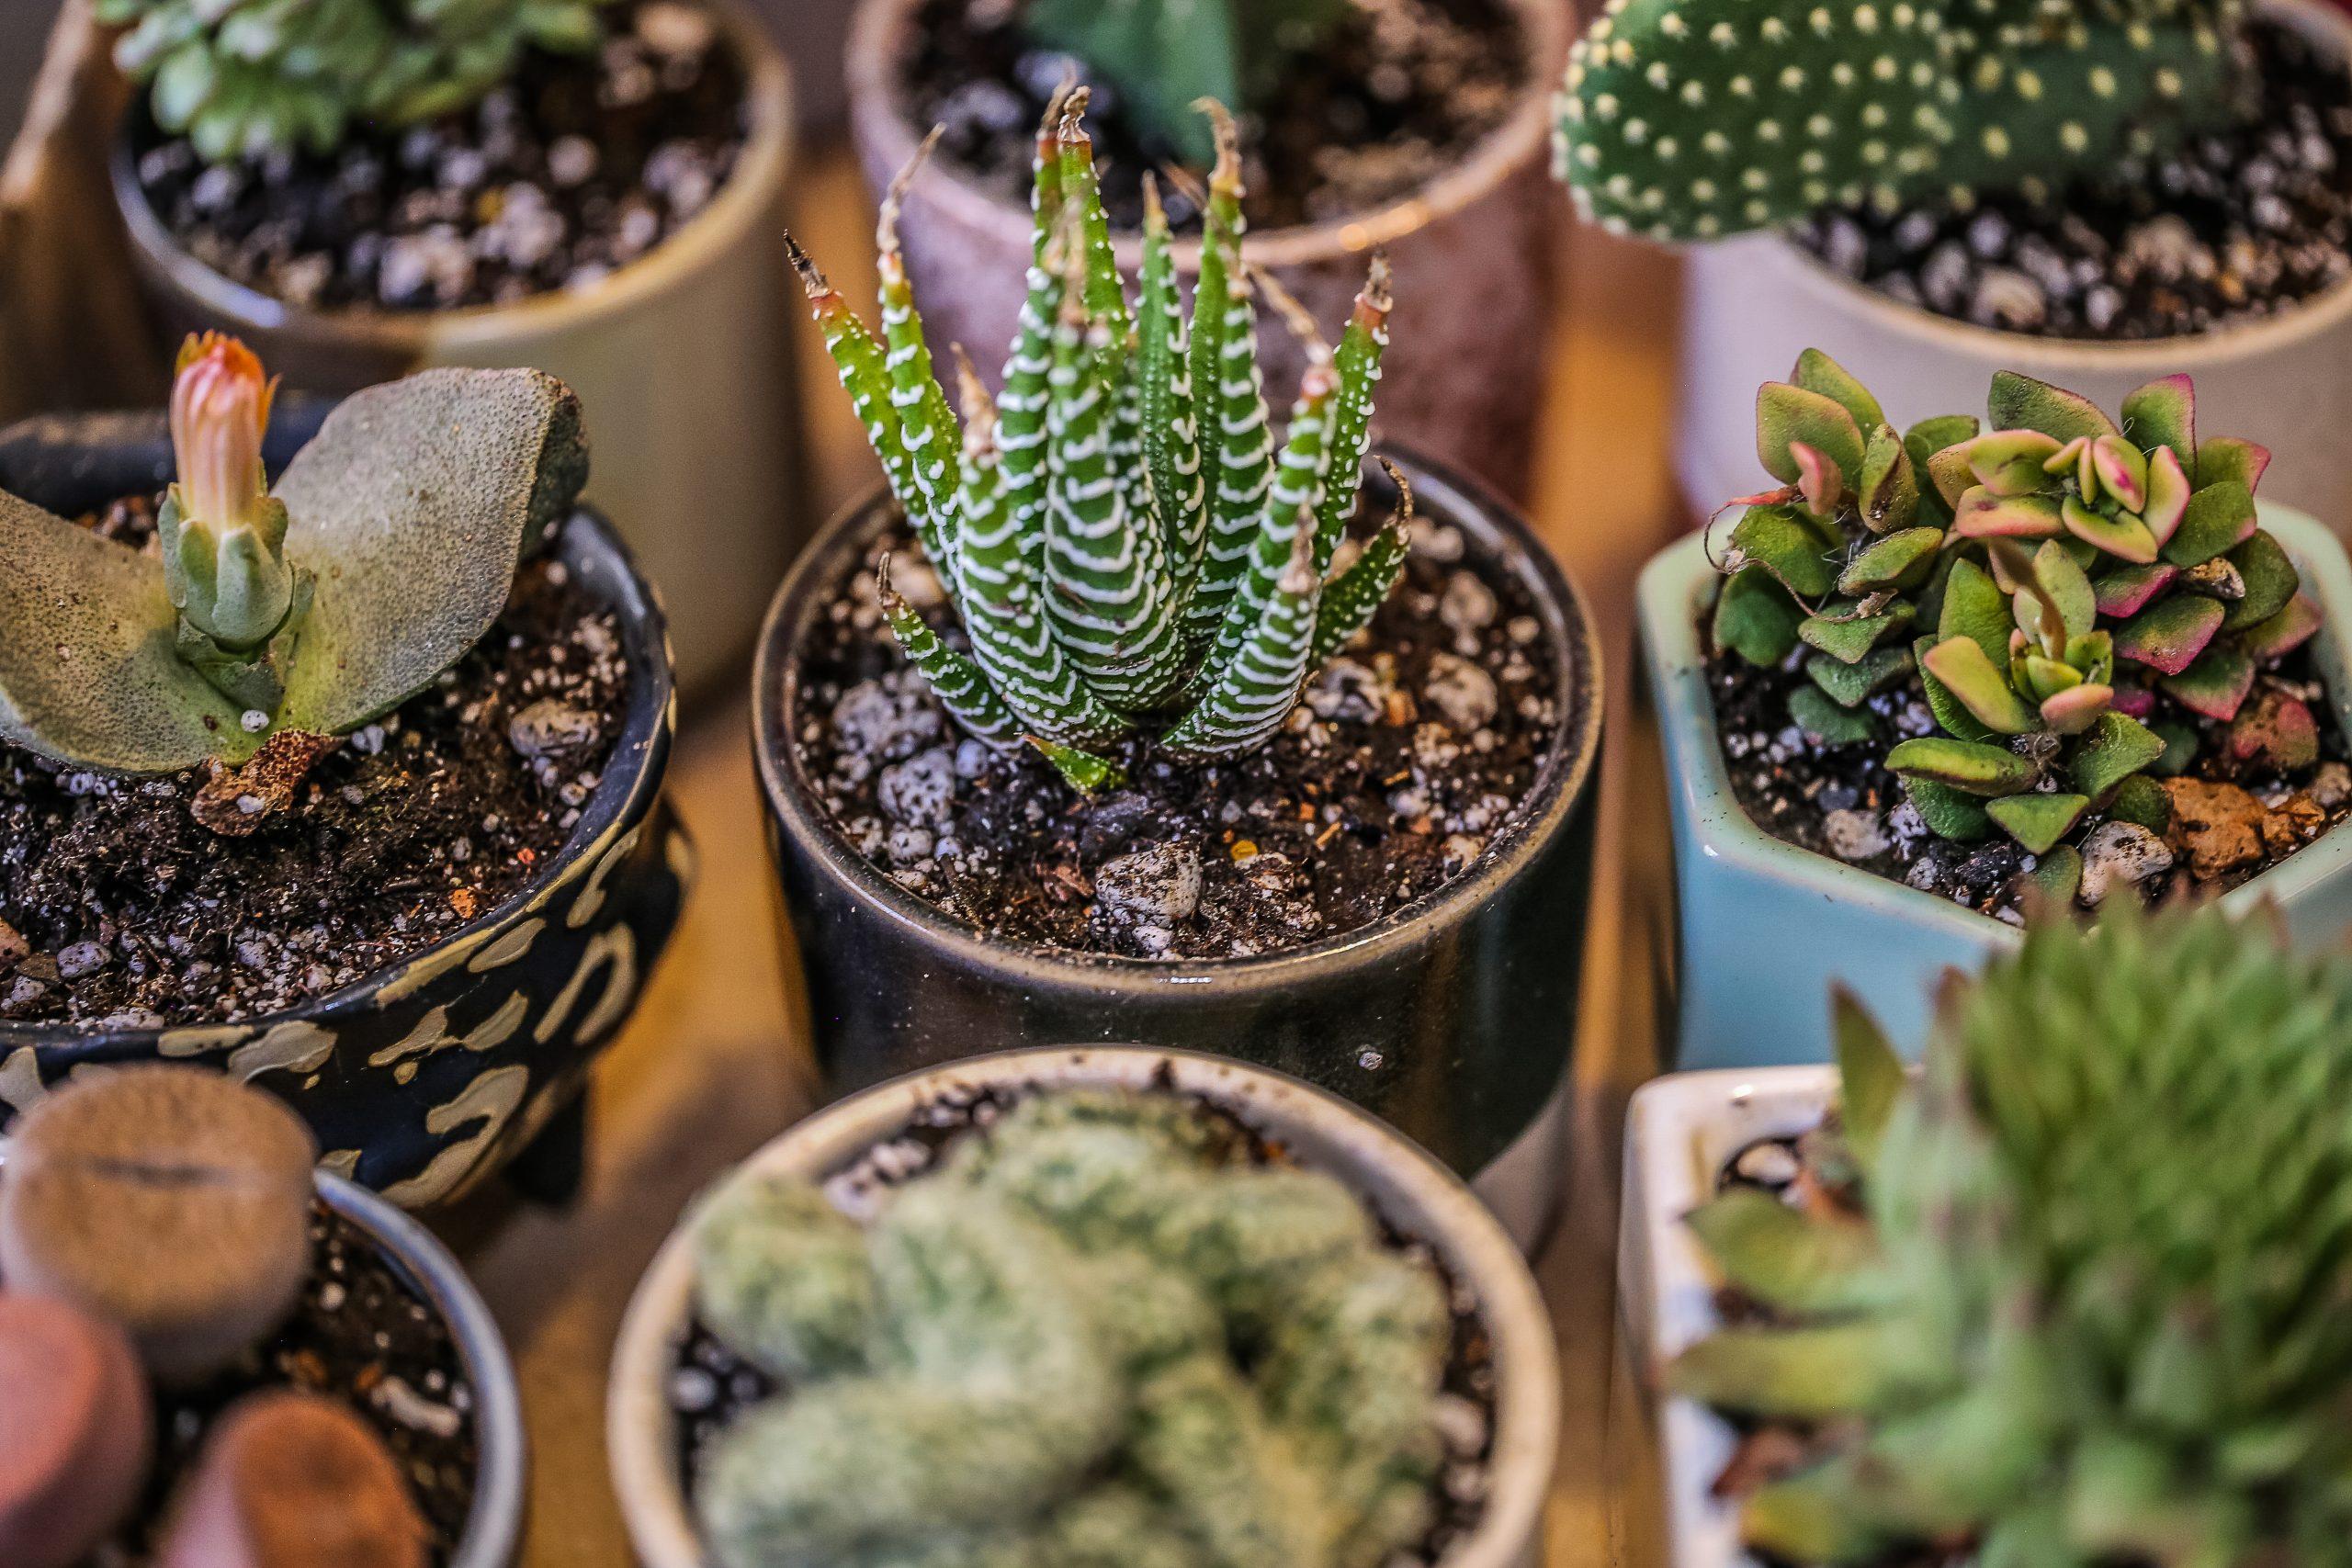 Ecco le 10 piante che non possono mancare nella tua abitazione